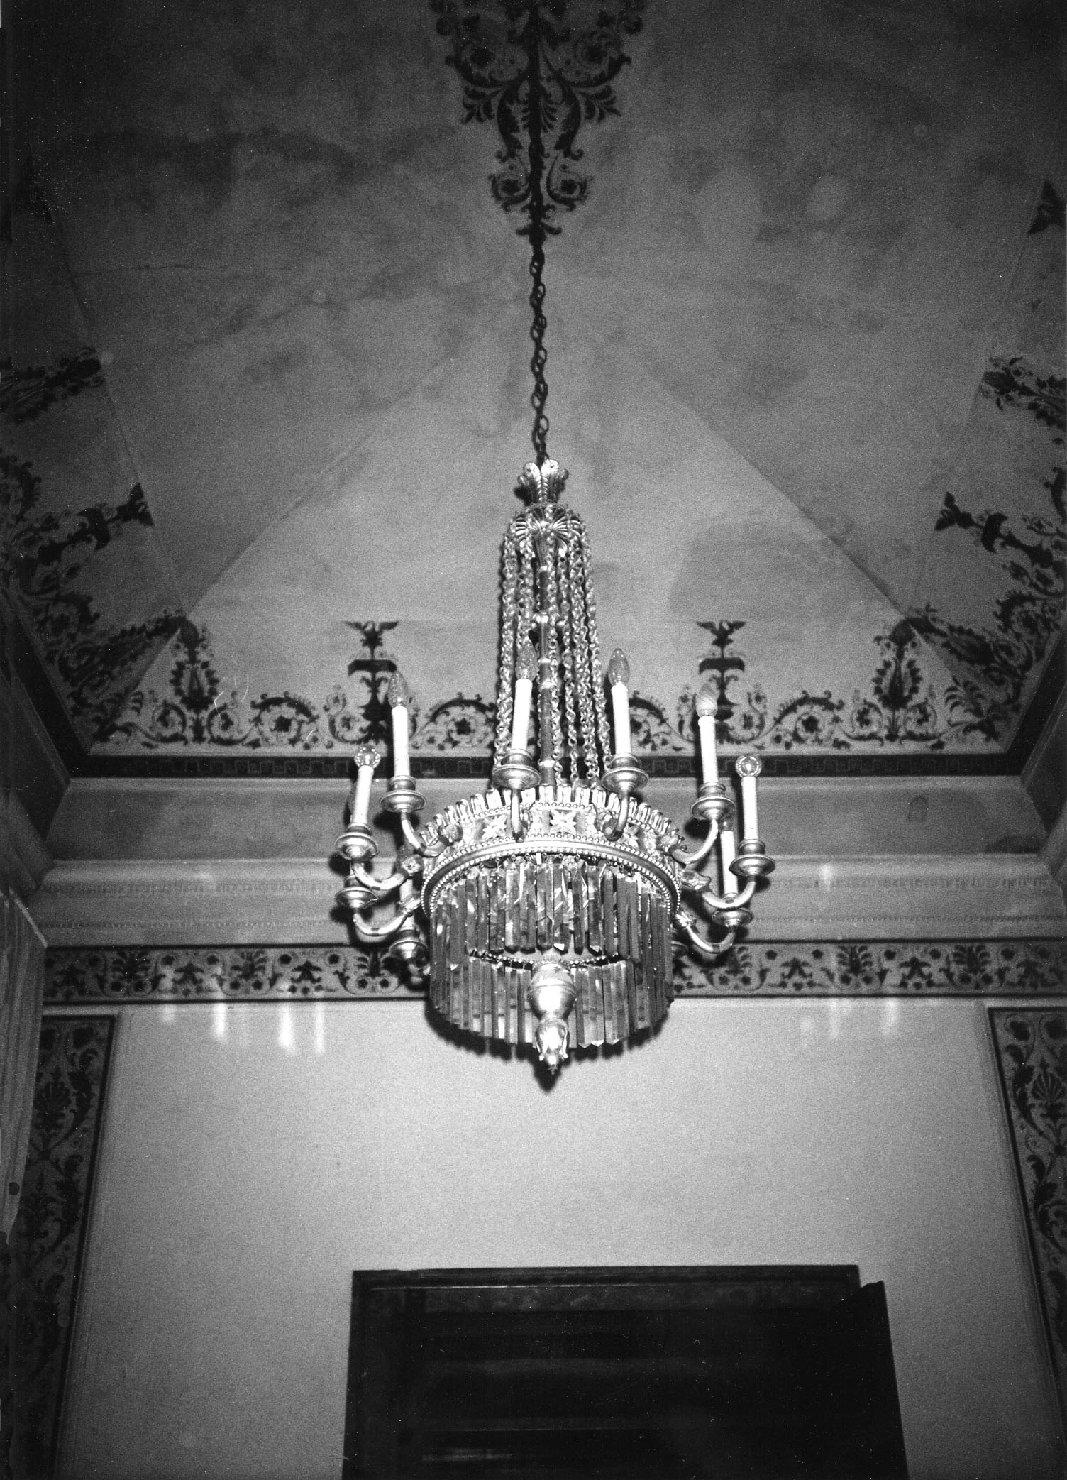 lampadario, opera isolata - manifattura lombardo-veneta (sec. XIX)